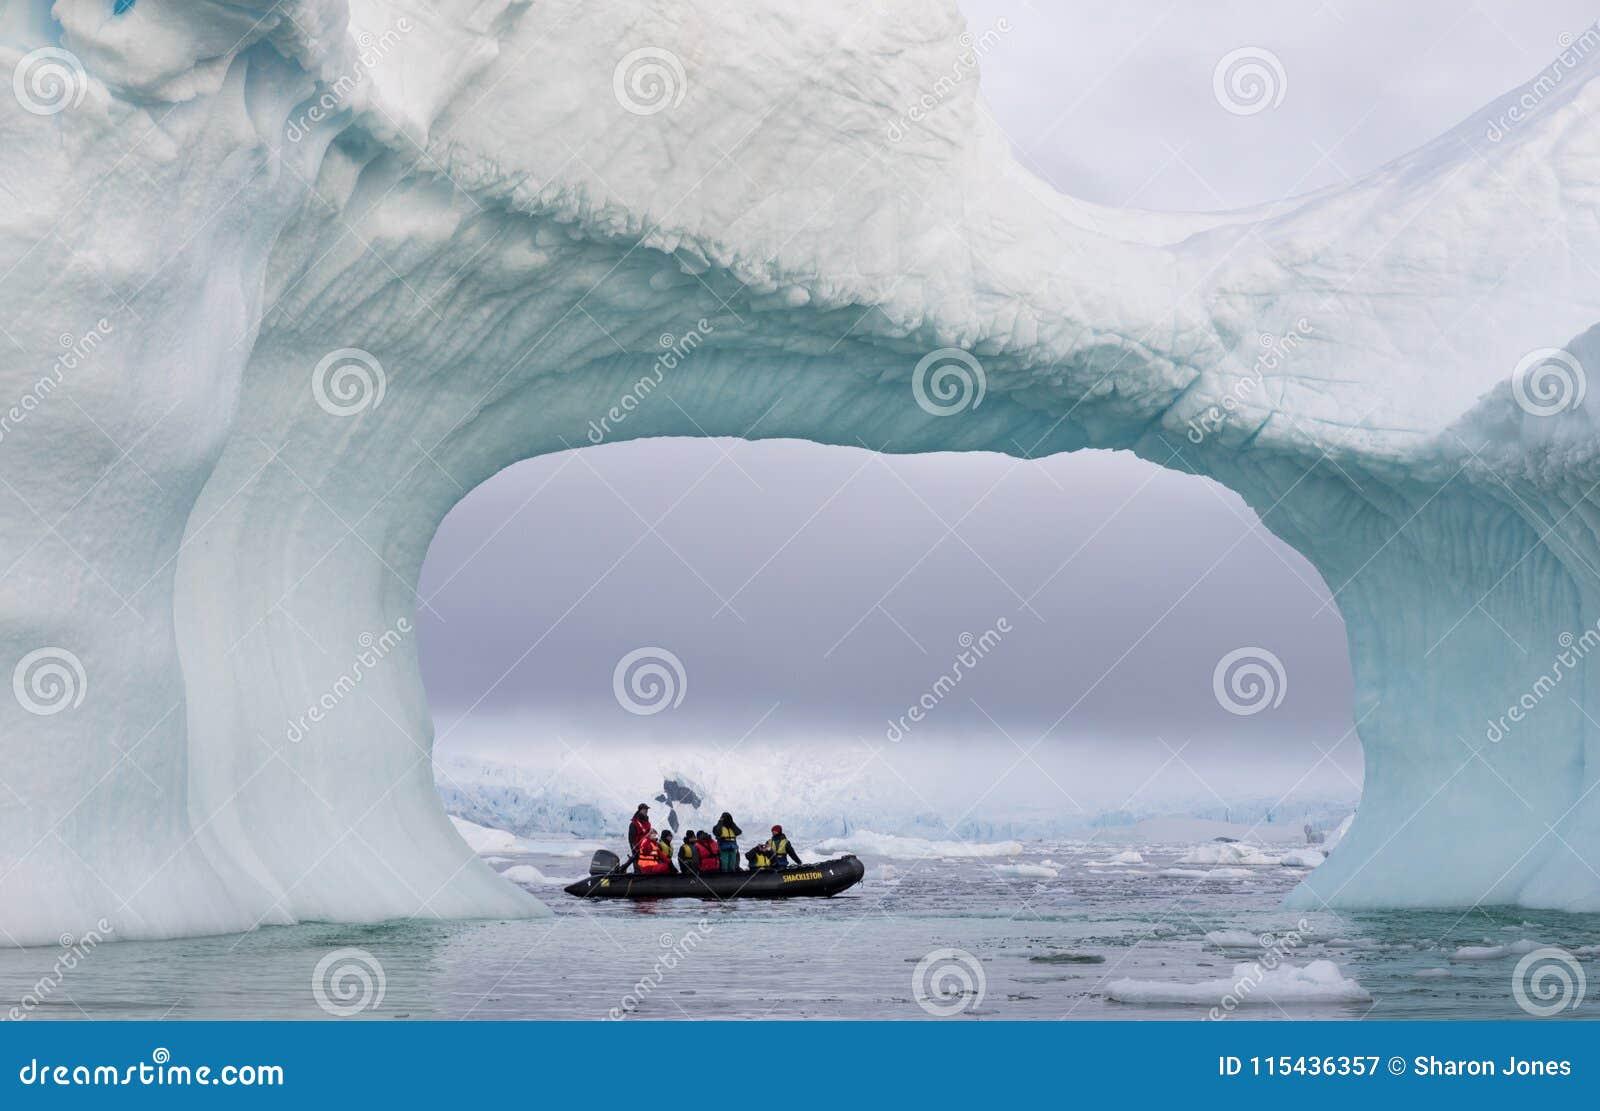 Zodiak pełno turysta przeglądać przez łuku w wielkiej górze lodowa, Antarctica